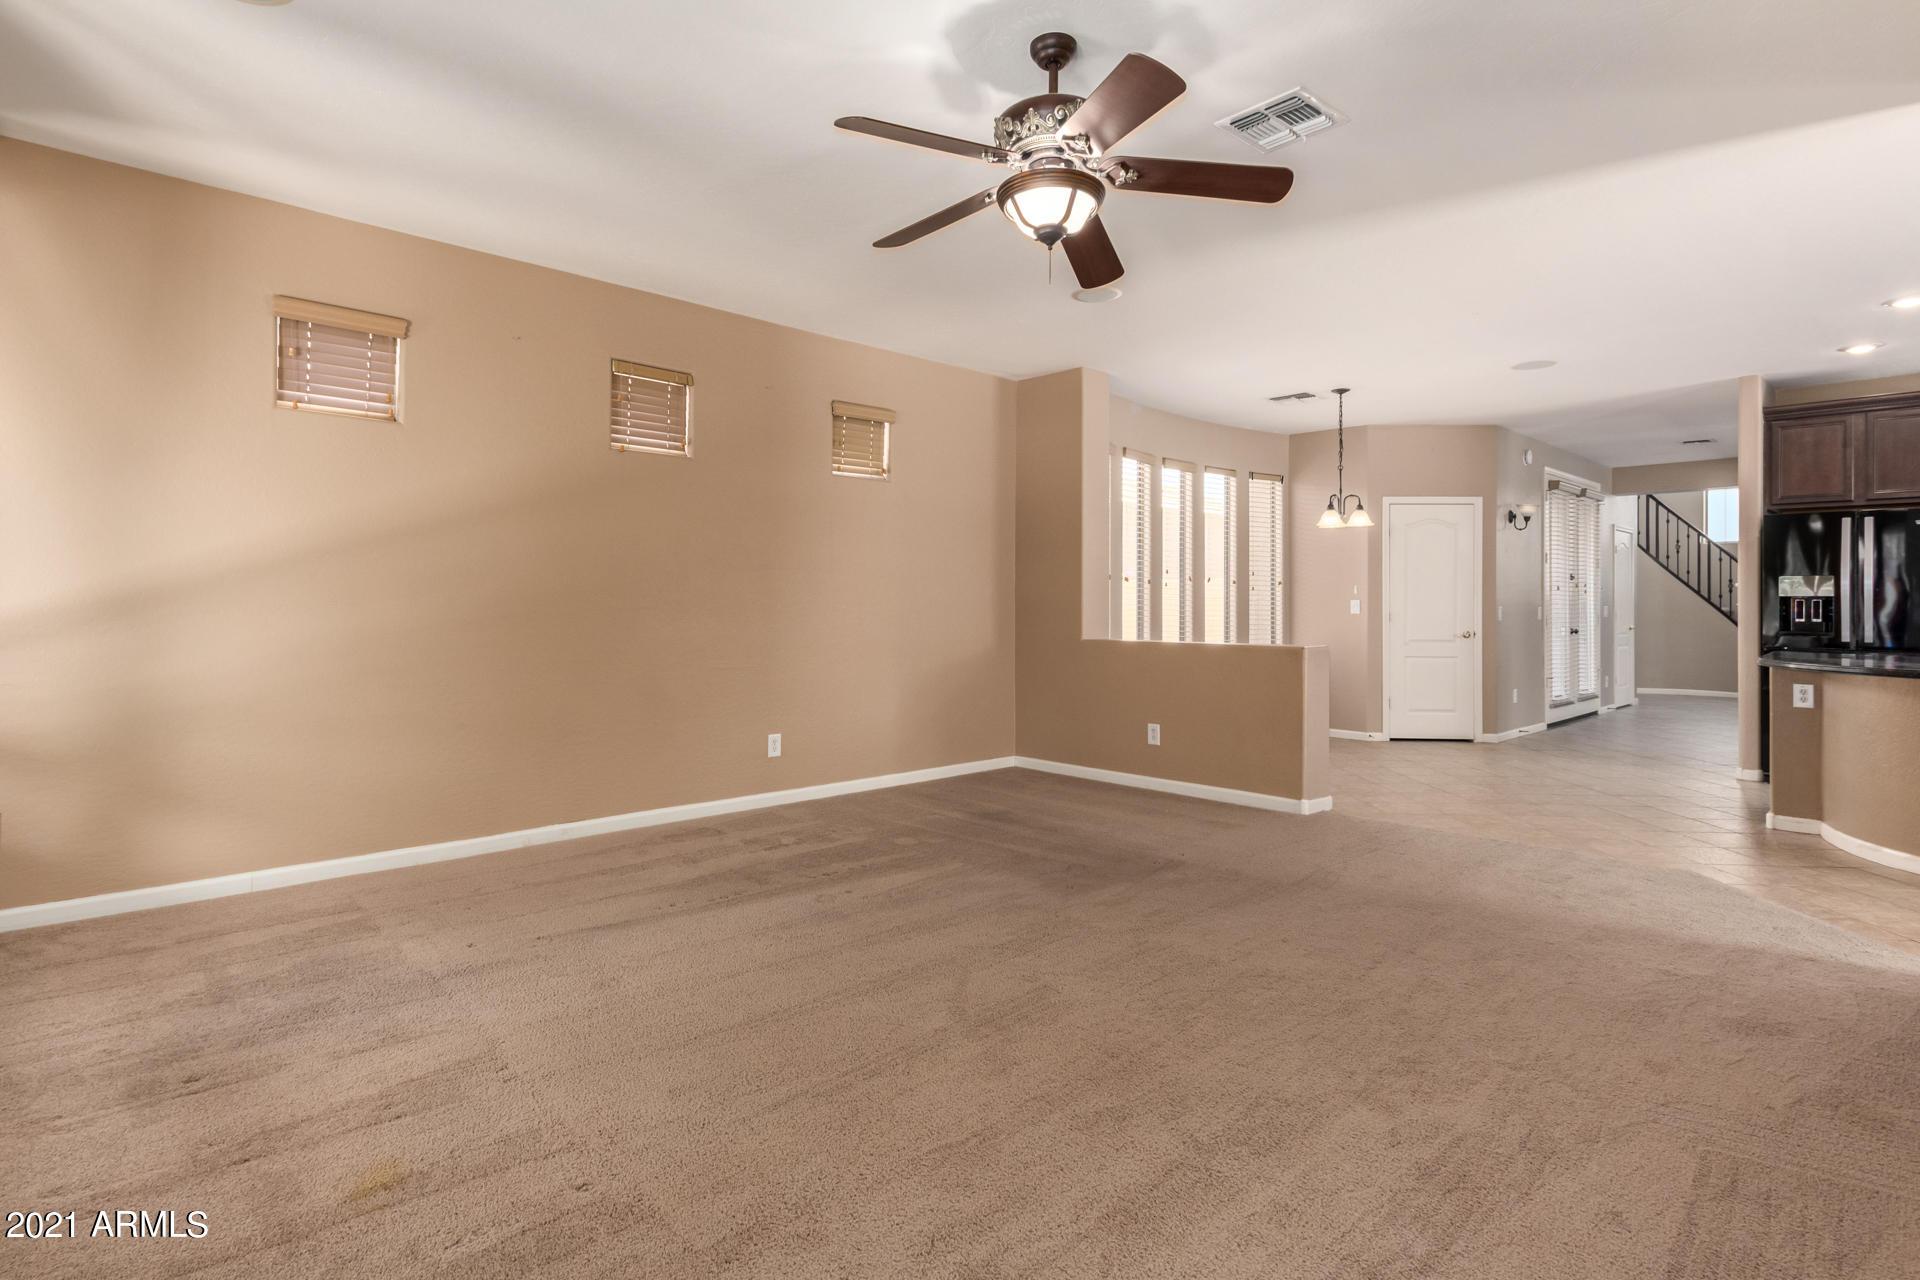 3777 ESPLANADE Avenue, Gilbert, Arizona 85297, 4 Bedrooms Bedrooms, ,2.5 BathroomsBathrooms,Residential,For Sale,ESPLANADE,6227974